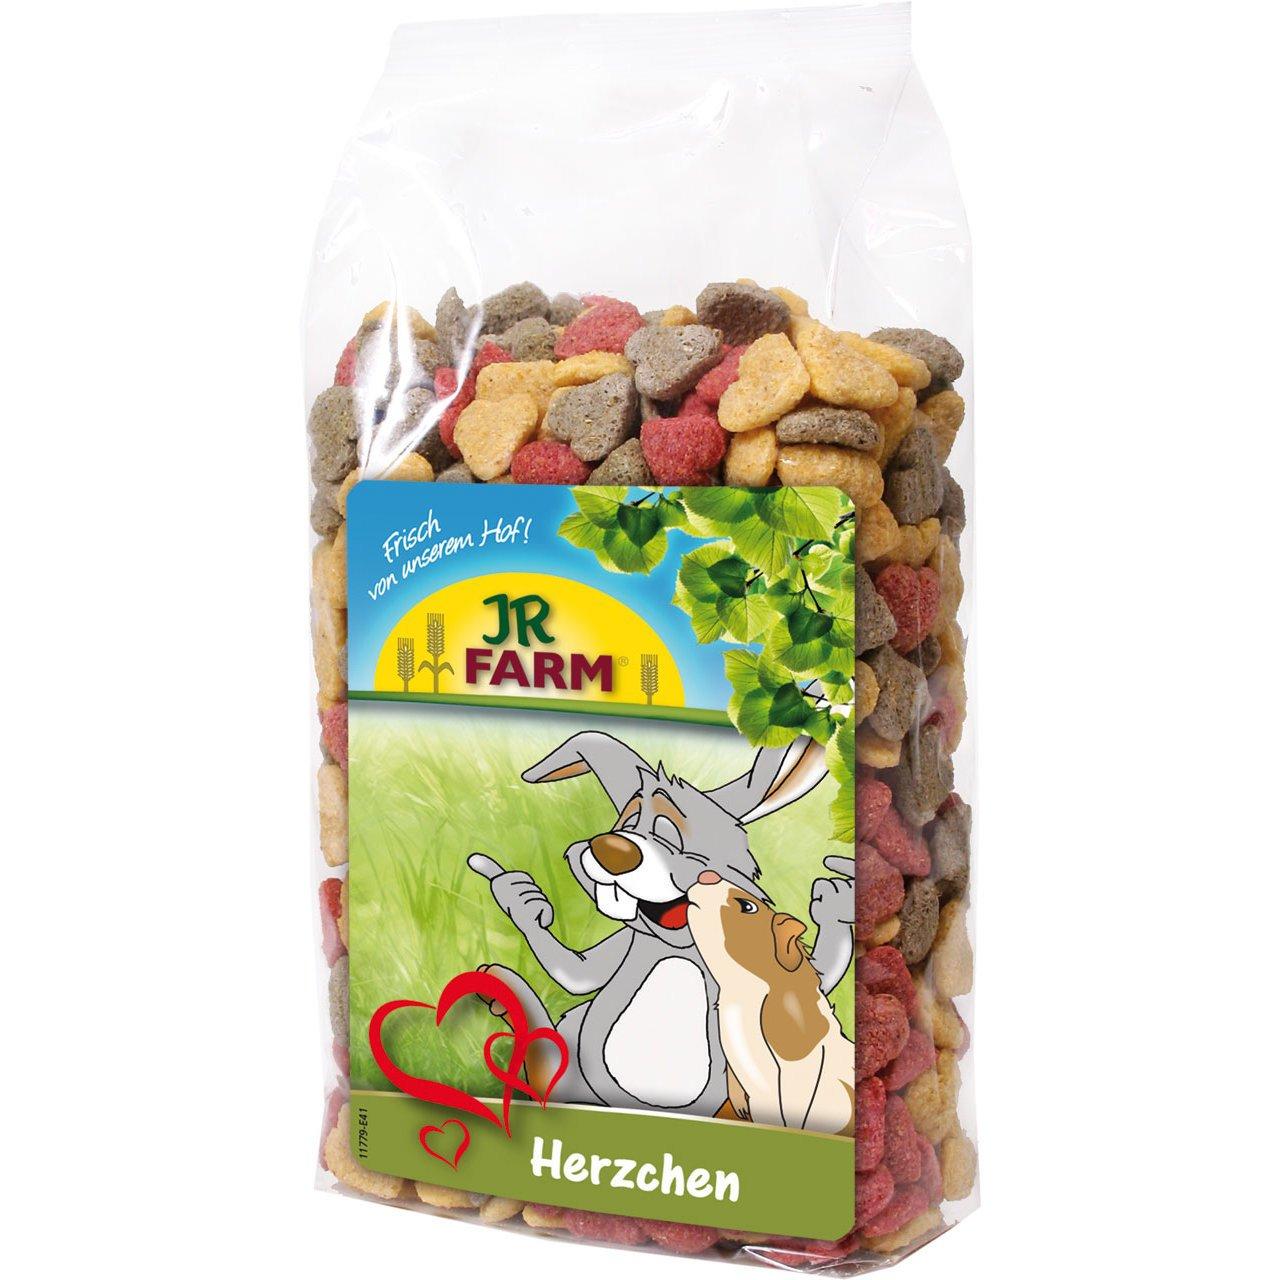 JR Farm Herzchen mit Luzerne, 200 g